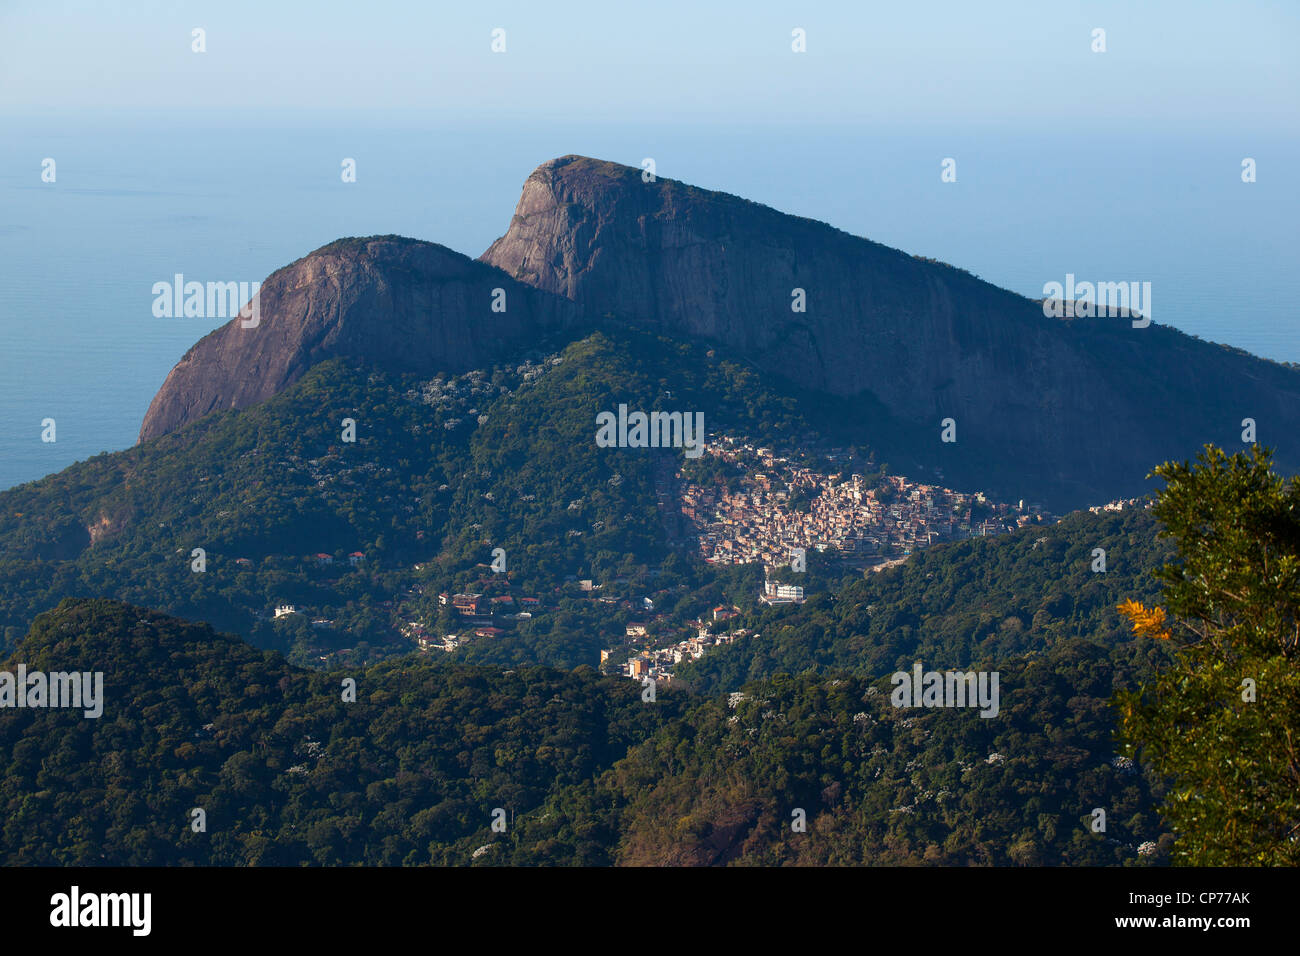 Favela do Vidigal inside Atlantic Forest Morro Dois Irmaos Rio de Janeiro, Brazil. Urban land occupation - Stock Image